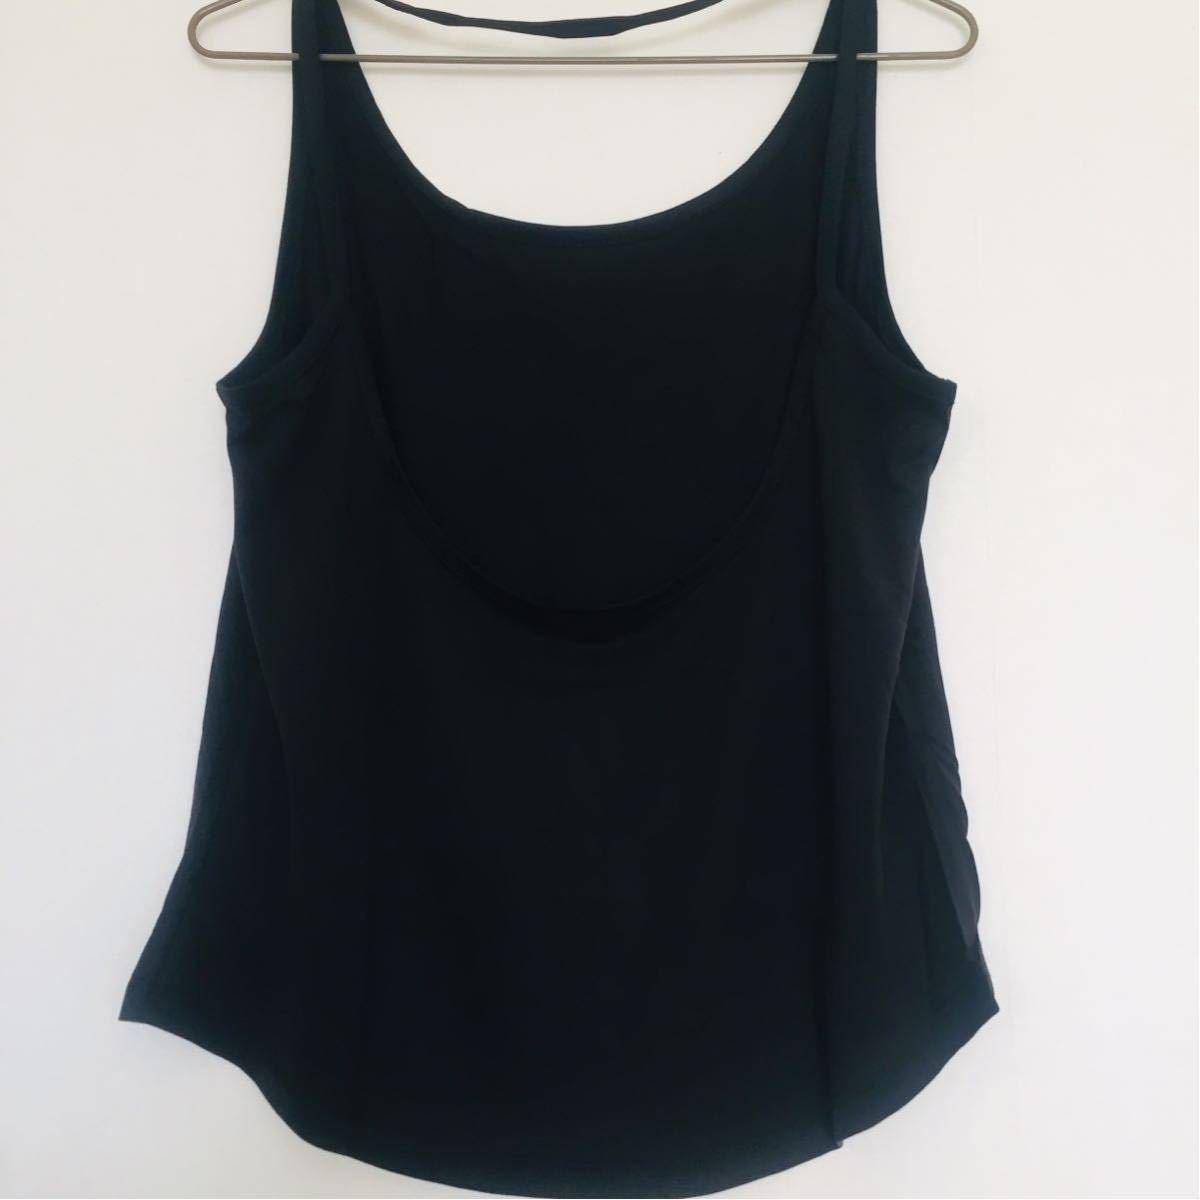 ゆるフィット体型カバー 印象的な背中タンクトップMサイズ黒 ヨガタンク ヨガウェア トップス バレエ トレーニング ズンバ ダンス ジム